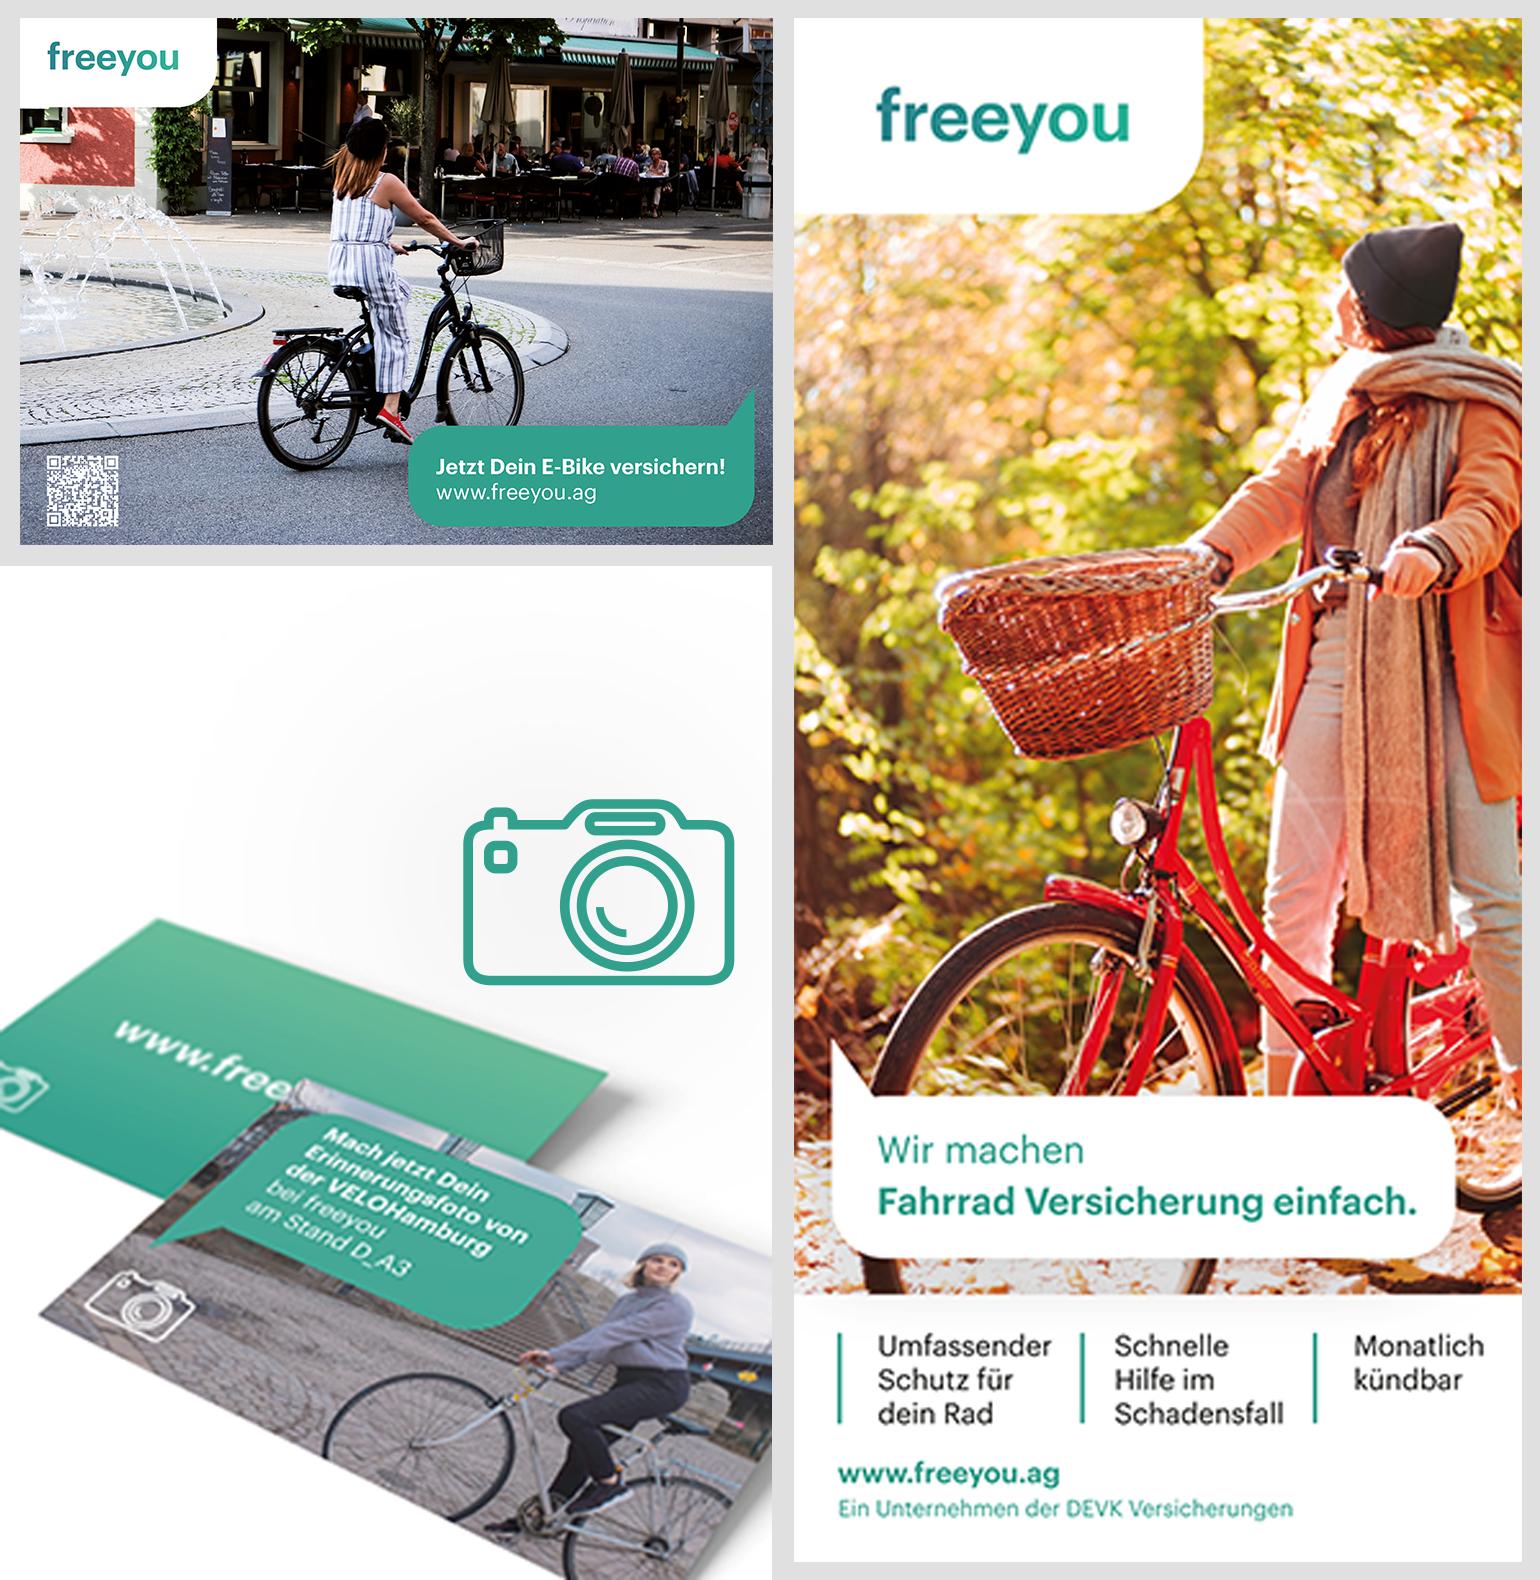 Melanie-Austermann_Meau-Design_Freeyou-Magazin-Werbeanzeigen-Icon-Piktogramm-Messe-handout-Flyer